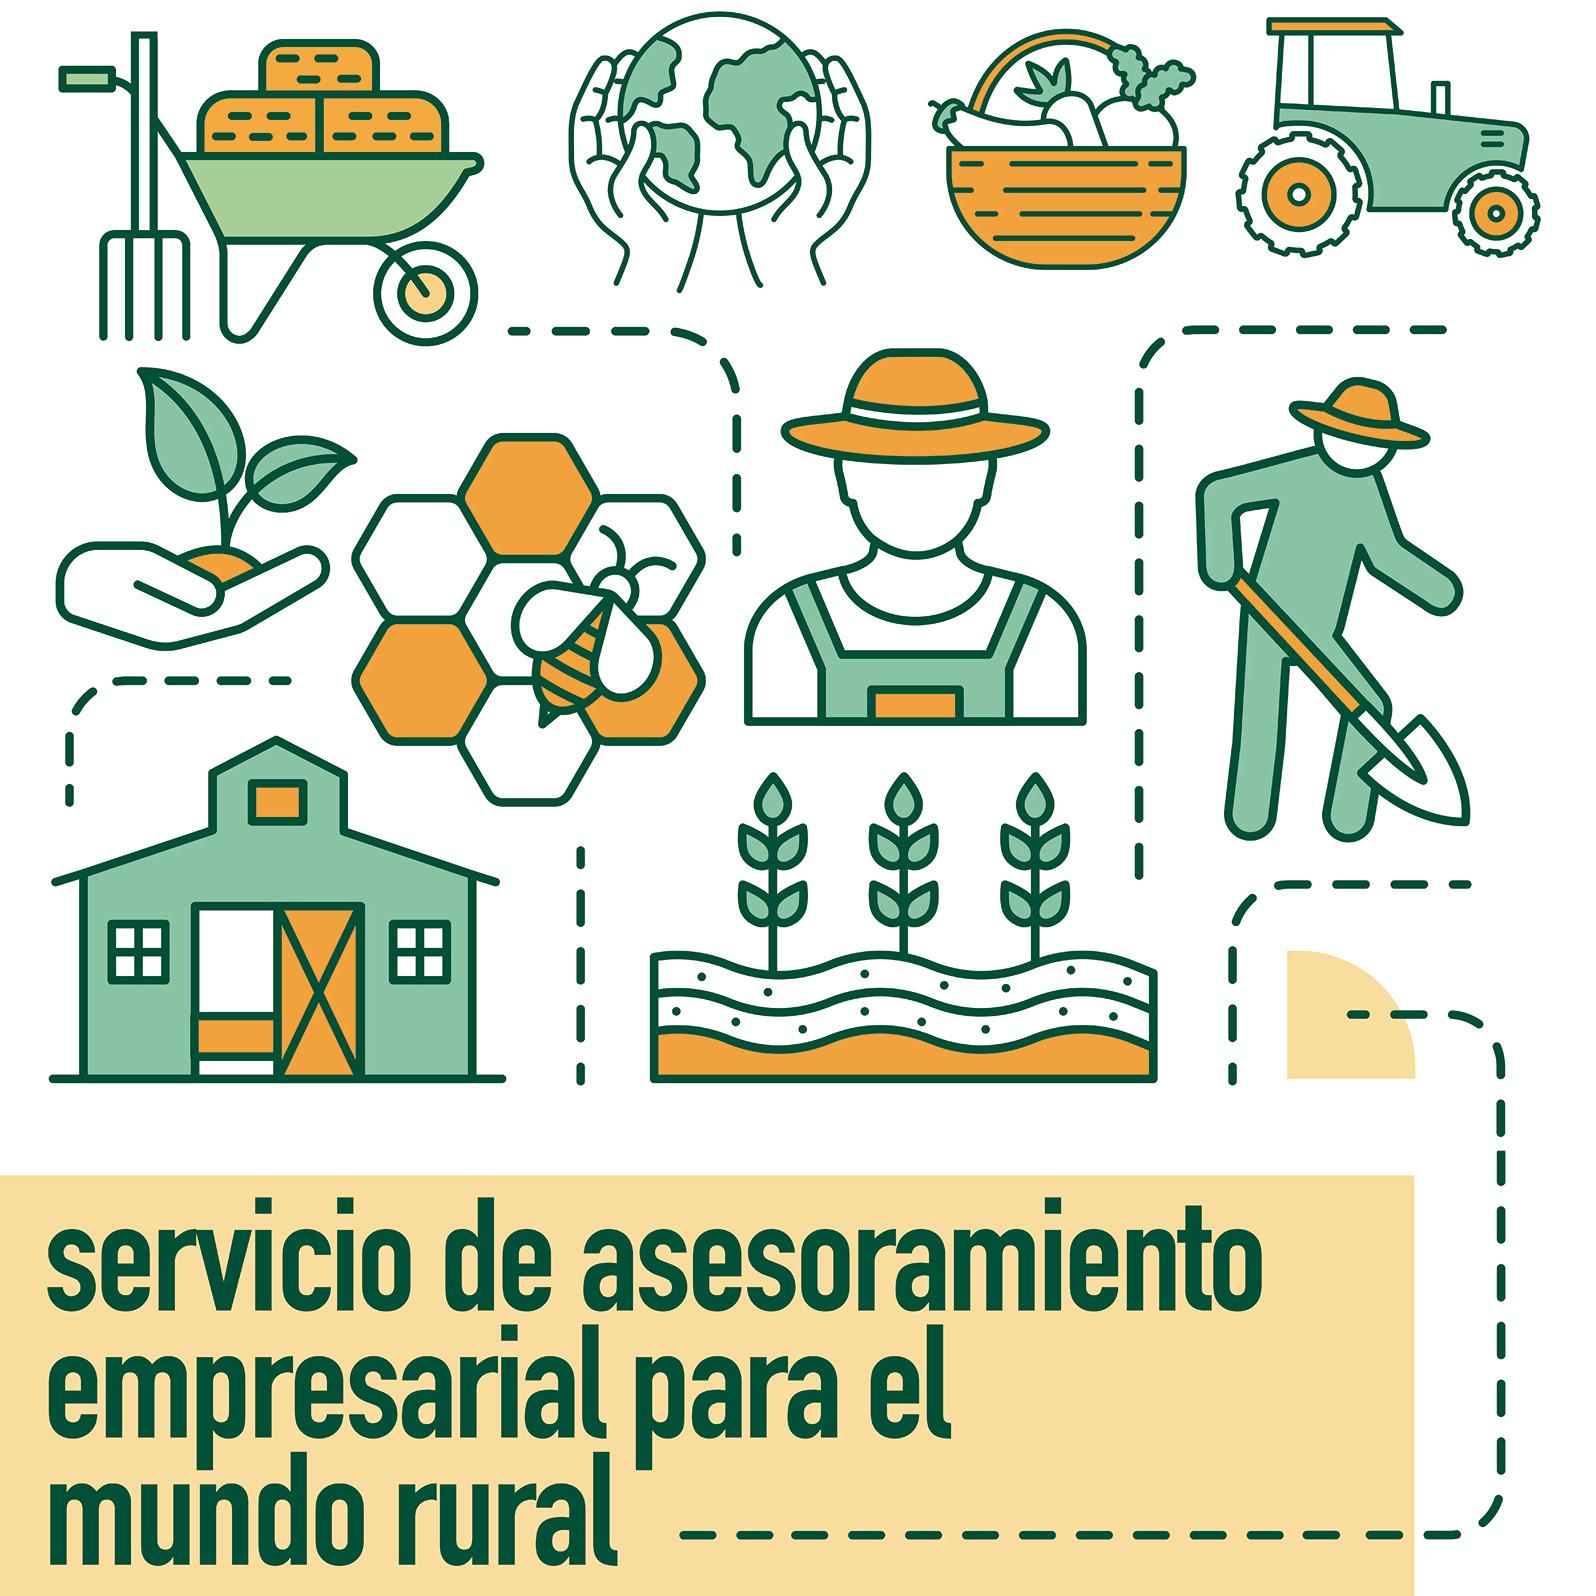 Servicio de asesoramiento empresarial en el mundo rural